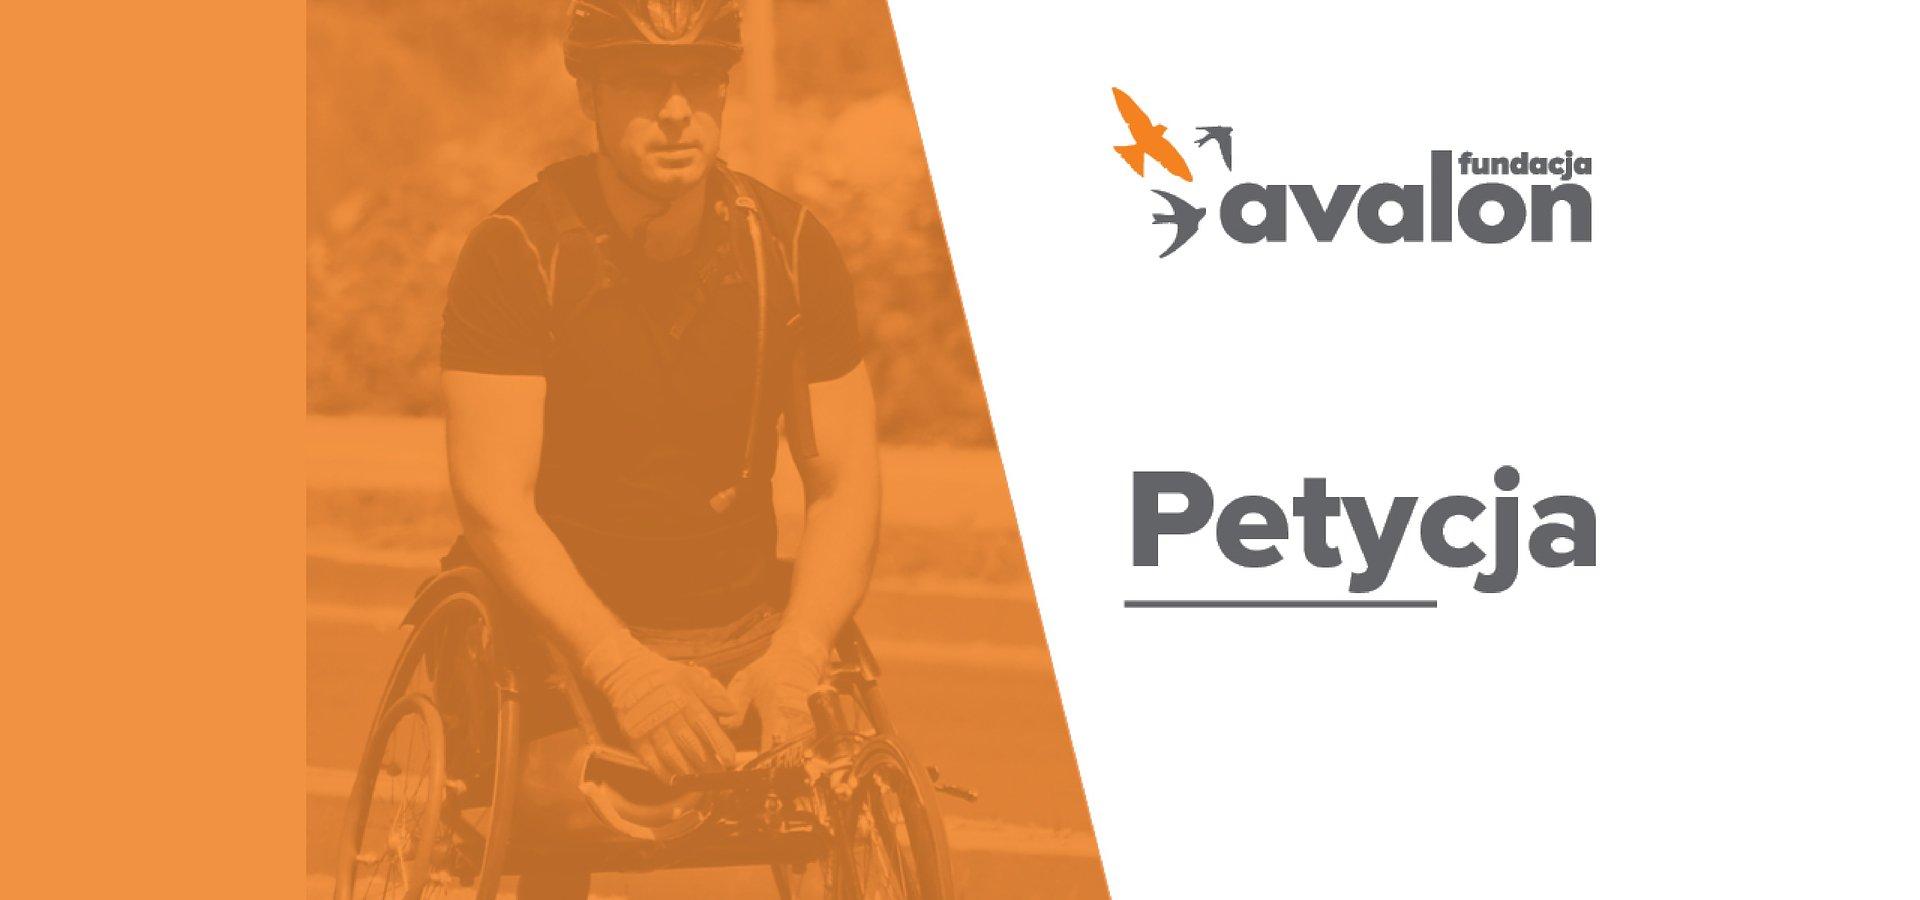 Fundacja Avalon apeluje o przywrócenie dostępu do informacji o Urzędach Skarbowych przy wpłatach z 1% i zaprasza do wsparcia